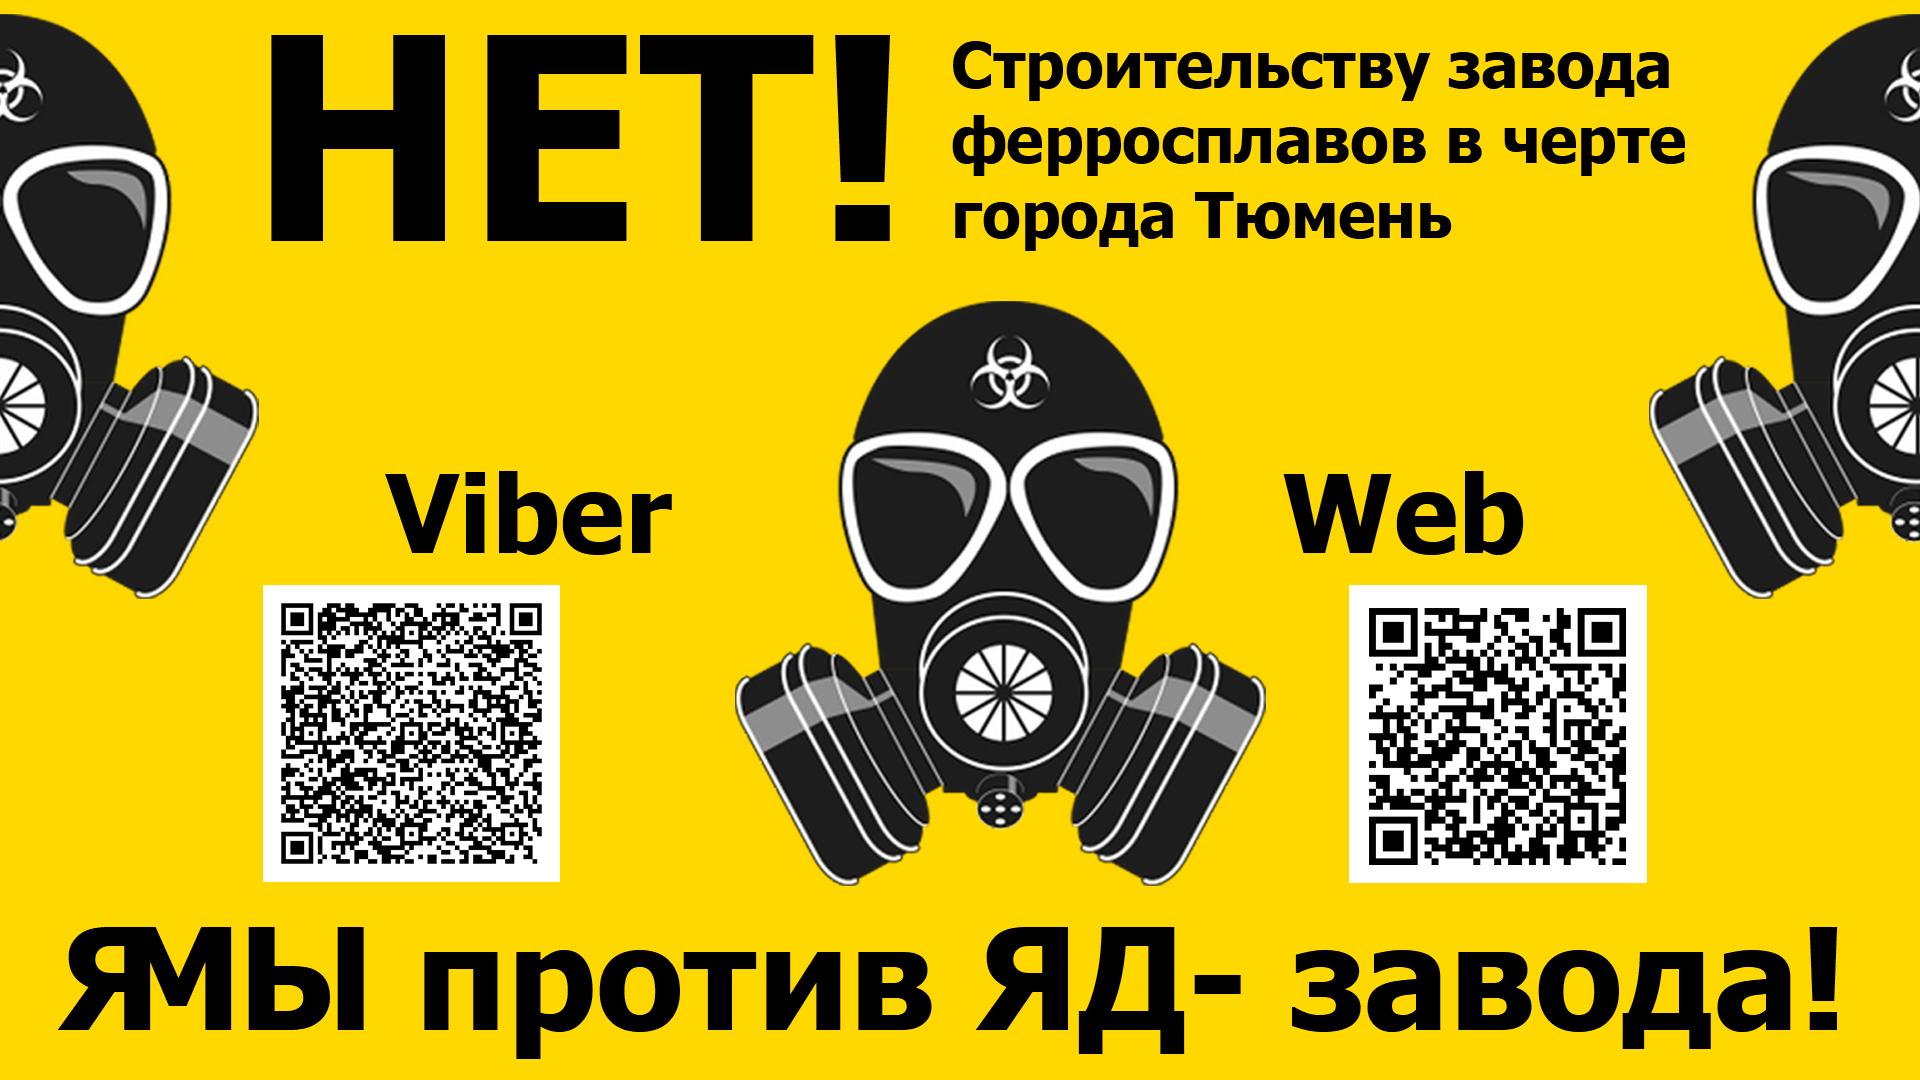 Строительству завода НЕТ_3